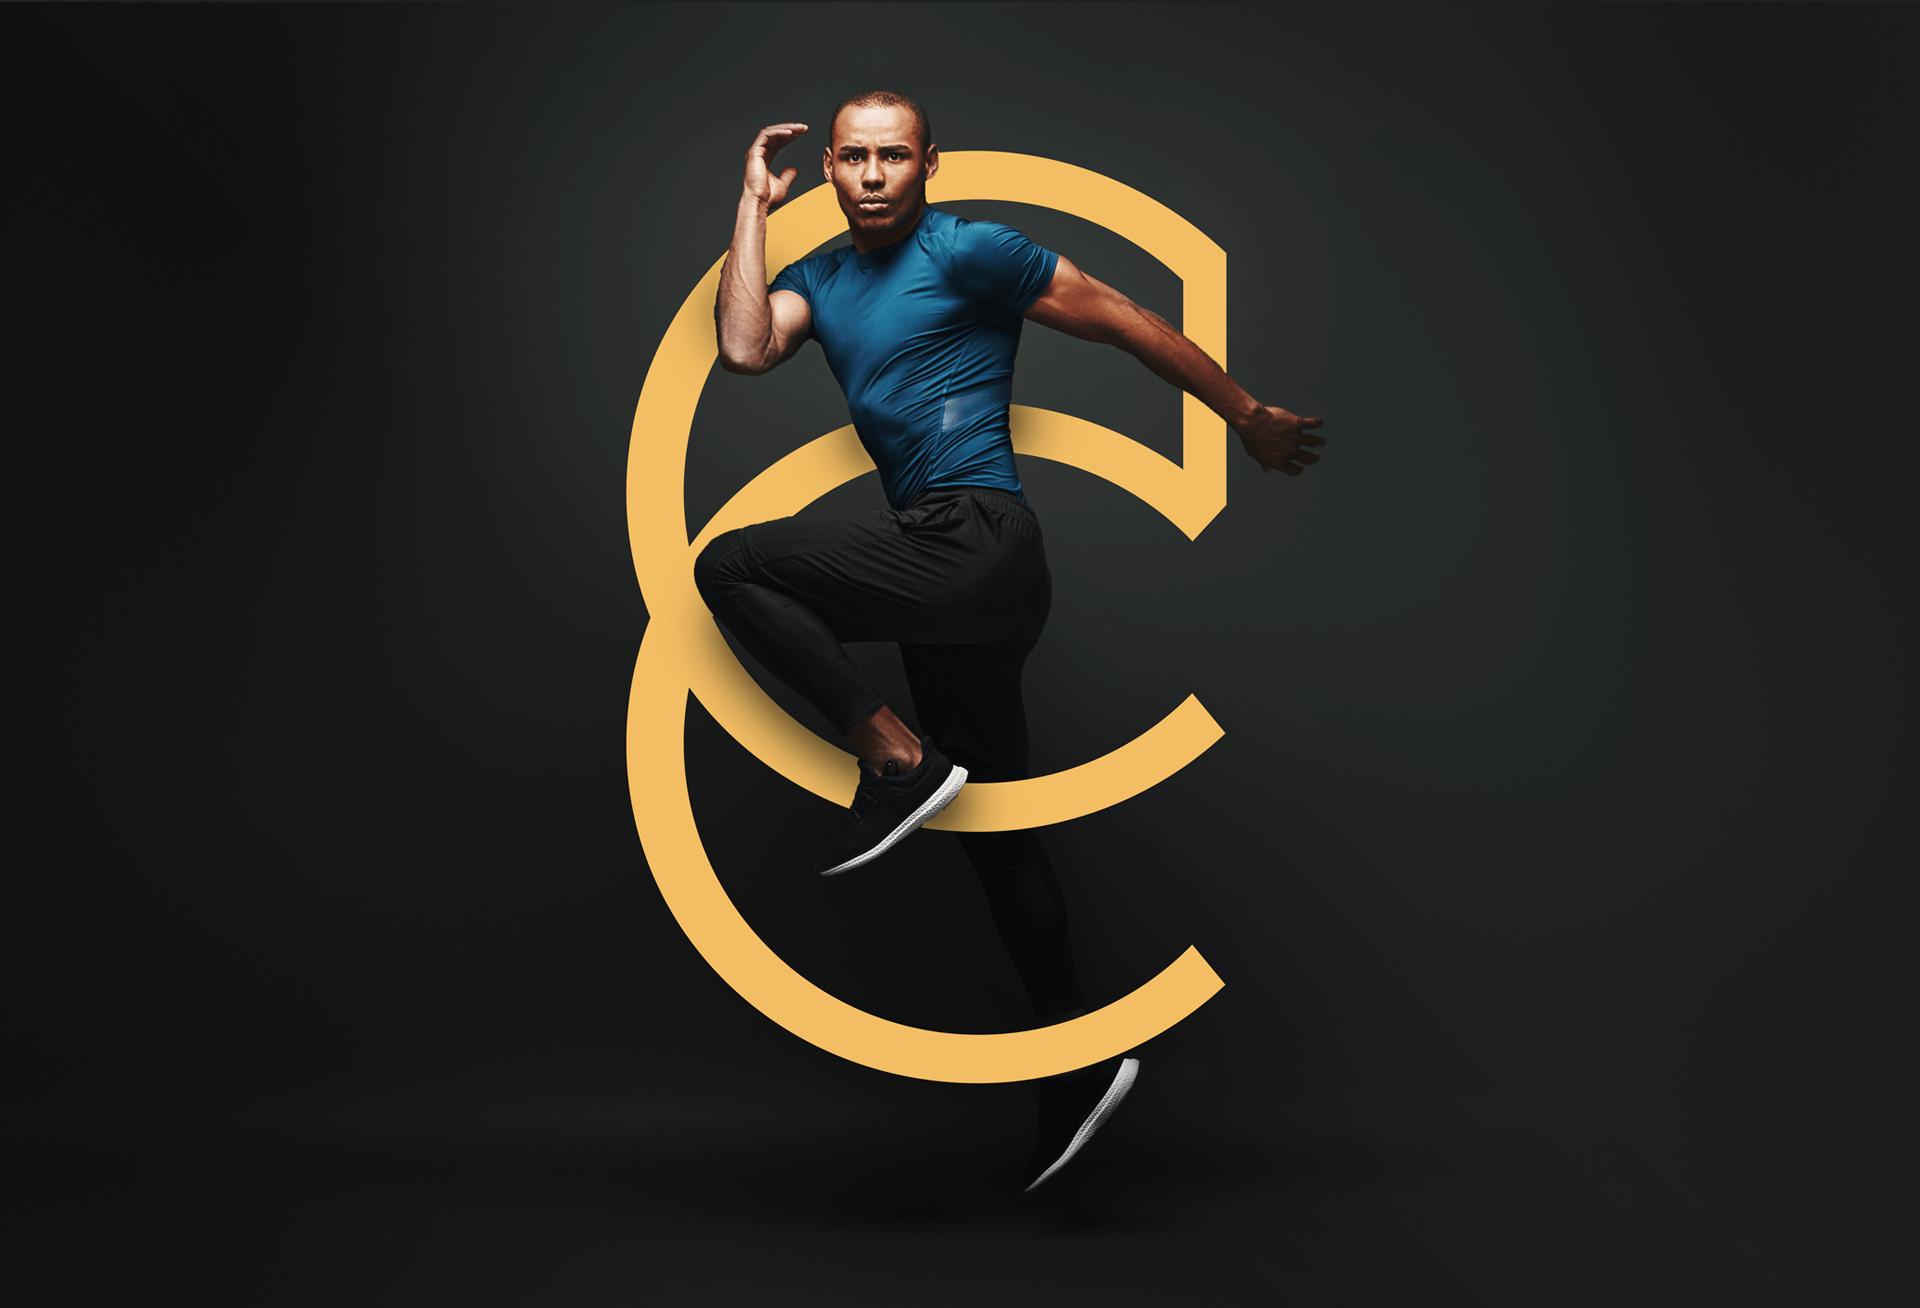 homme sautant entremêlé avec le CC jaune du logo Le Club Concept sur fond noir